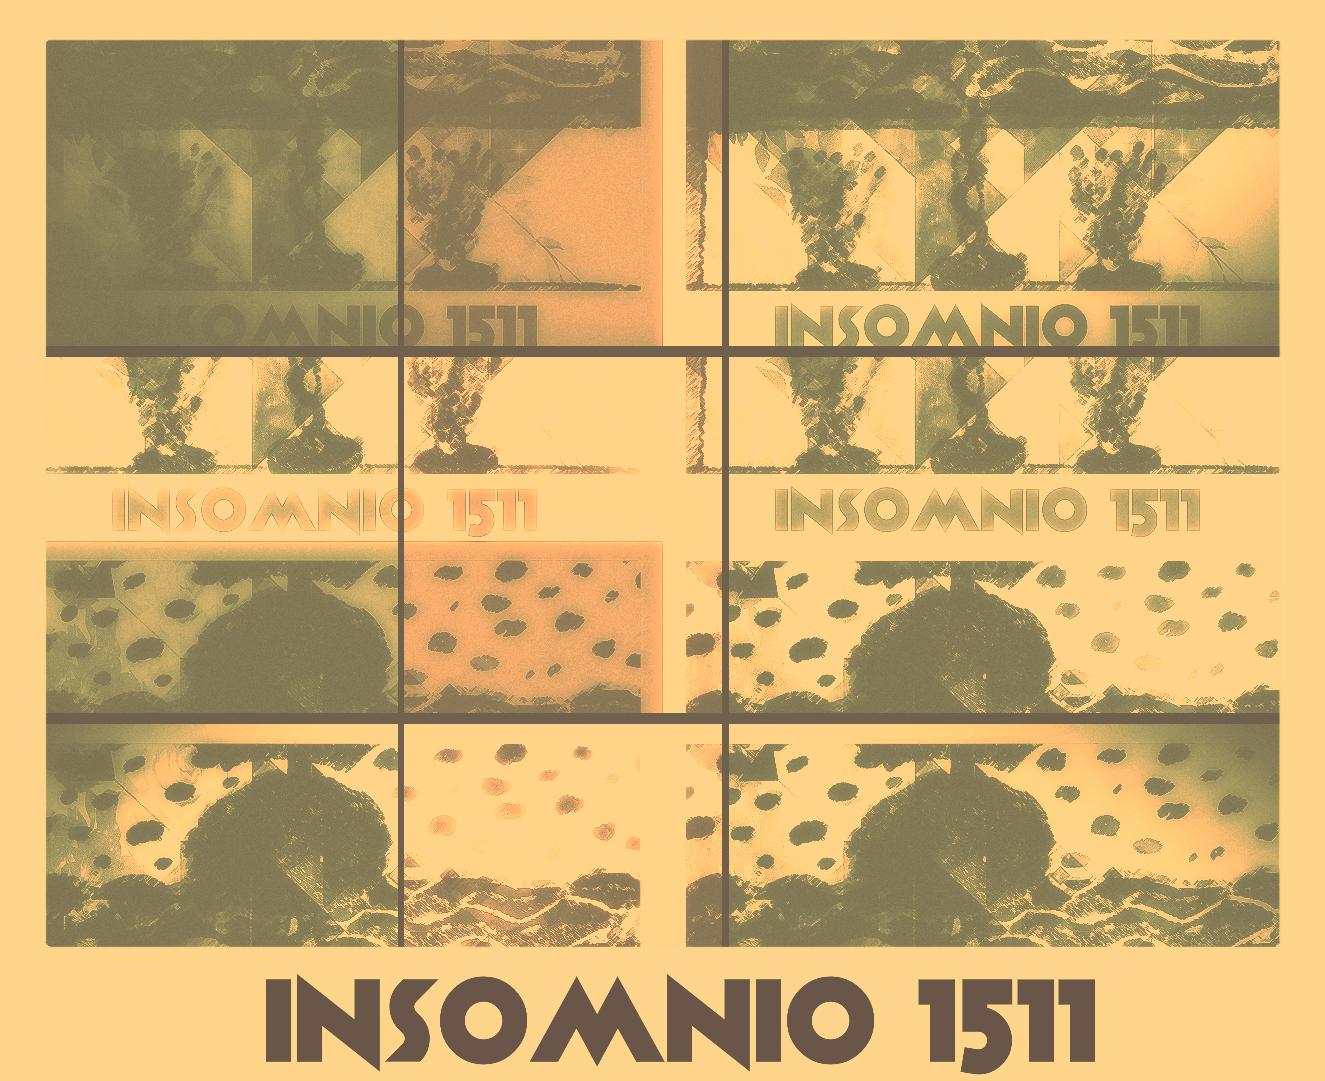 INSOMNIO 1511- Técnica digital impreso sobre papel- Copia única tamaño a elección.-2020.